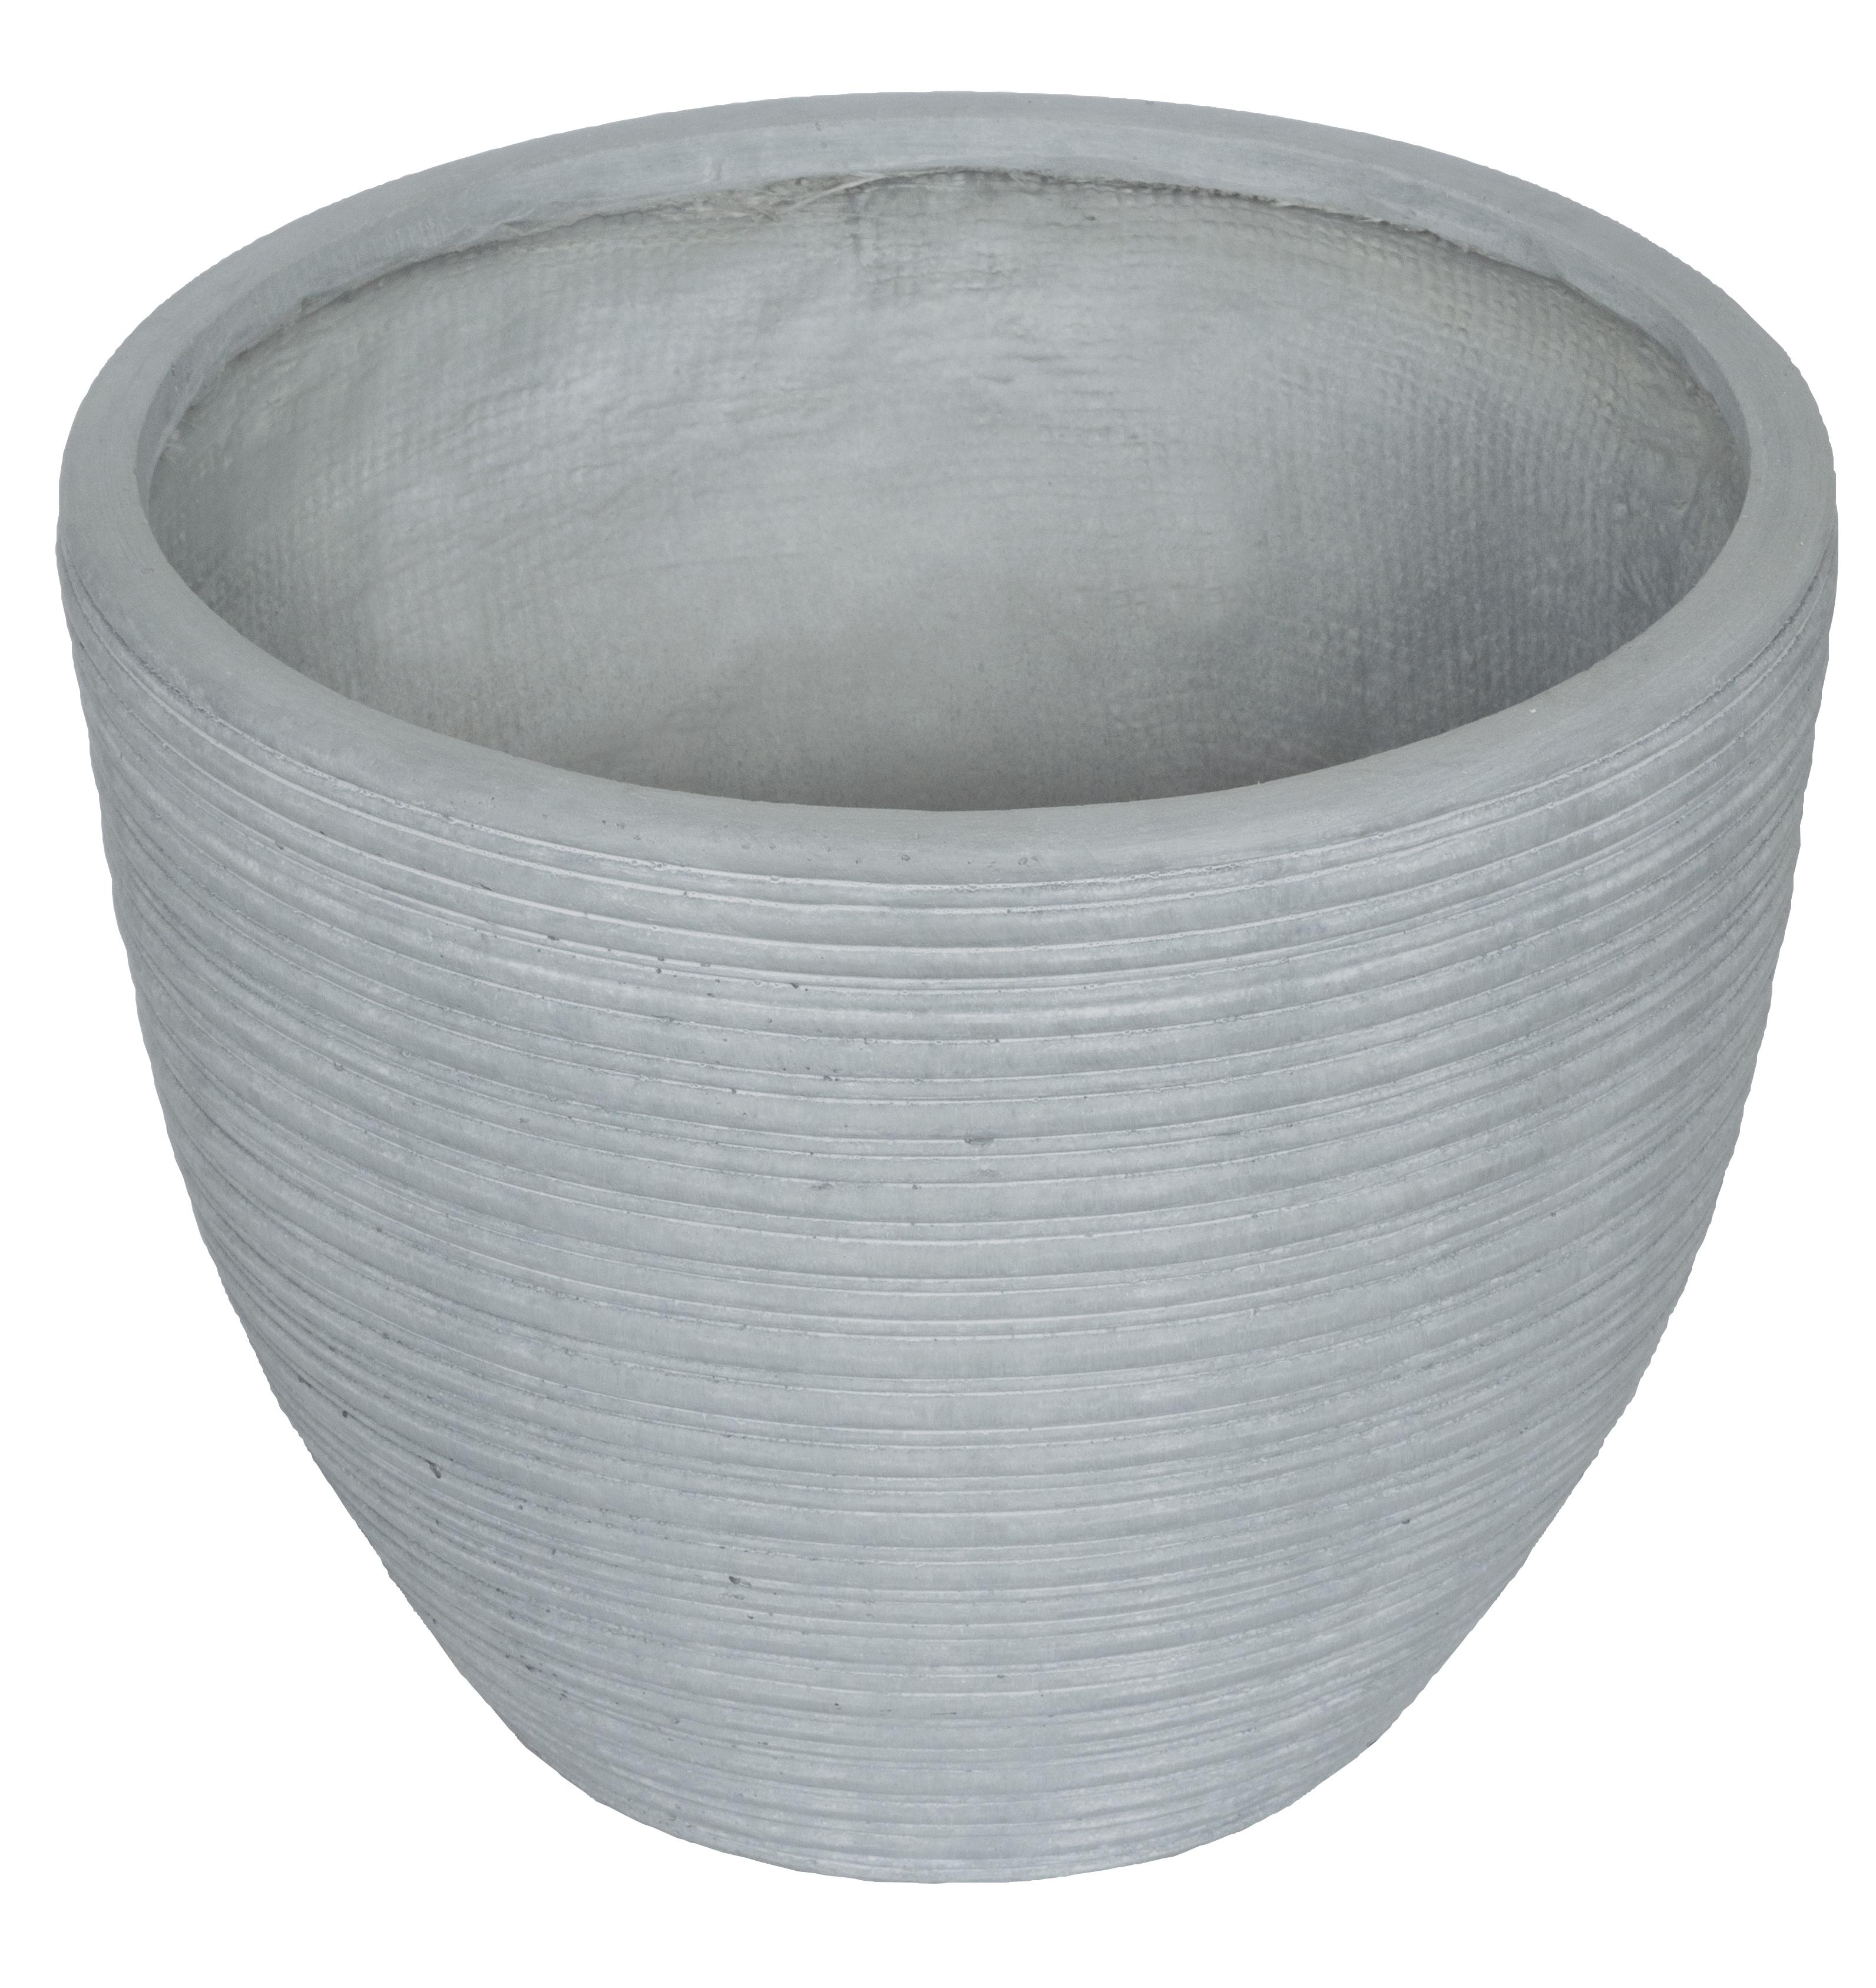 Květináč G21 Stone Ring 37.5x30cm